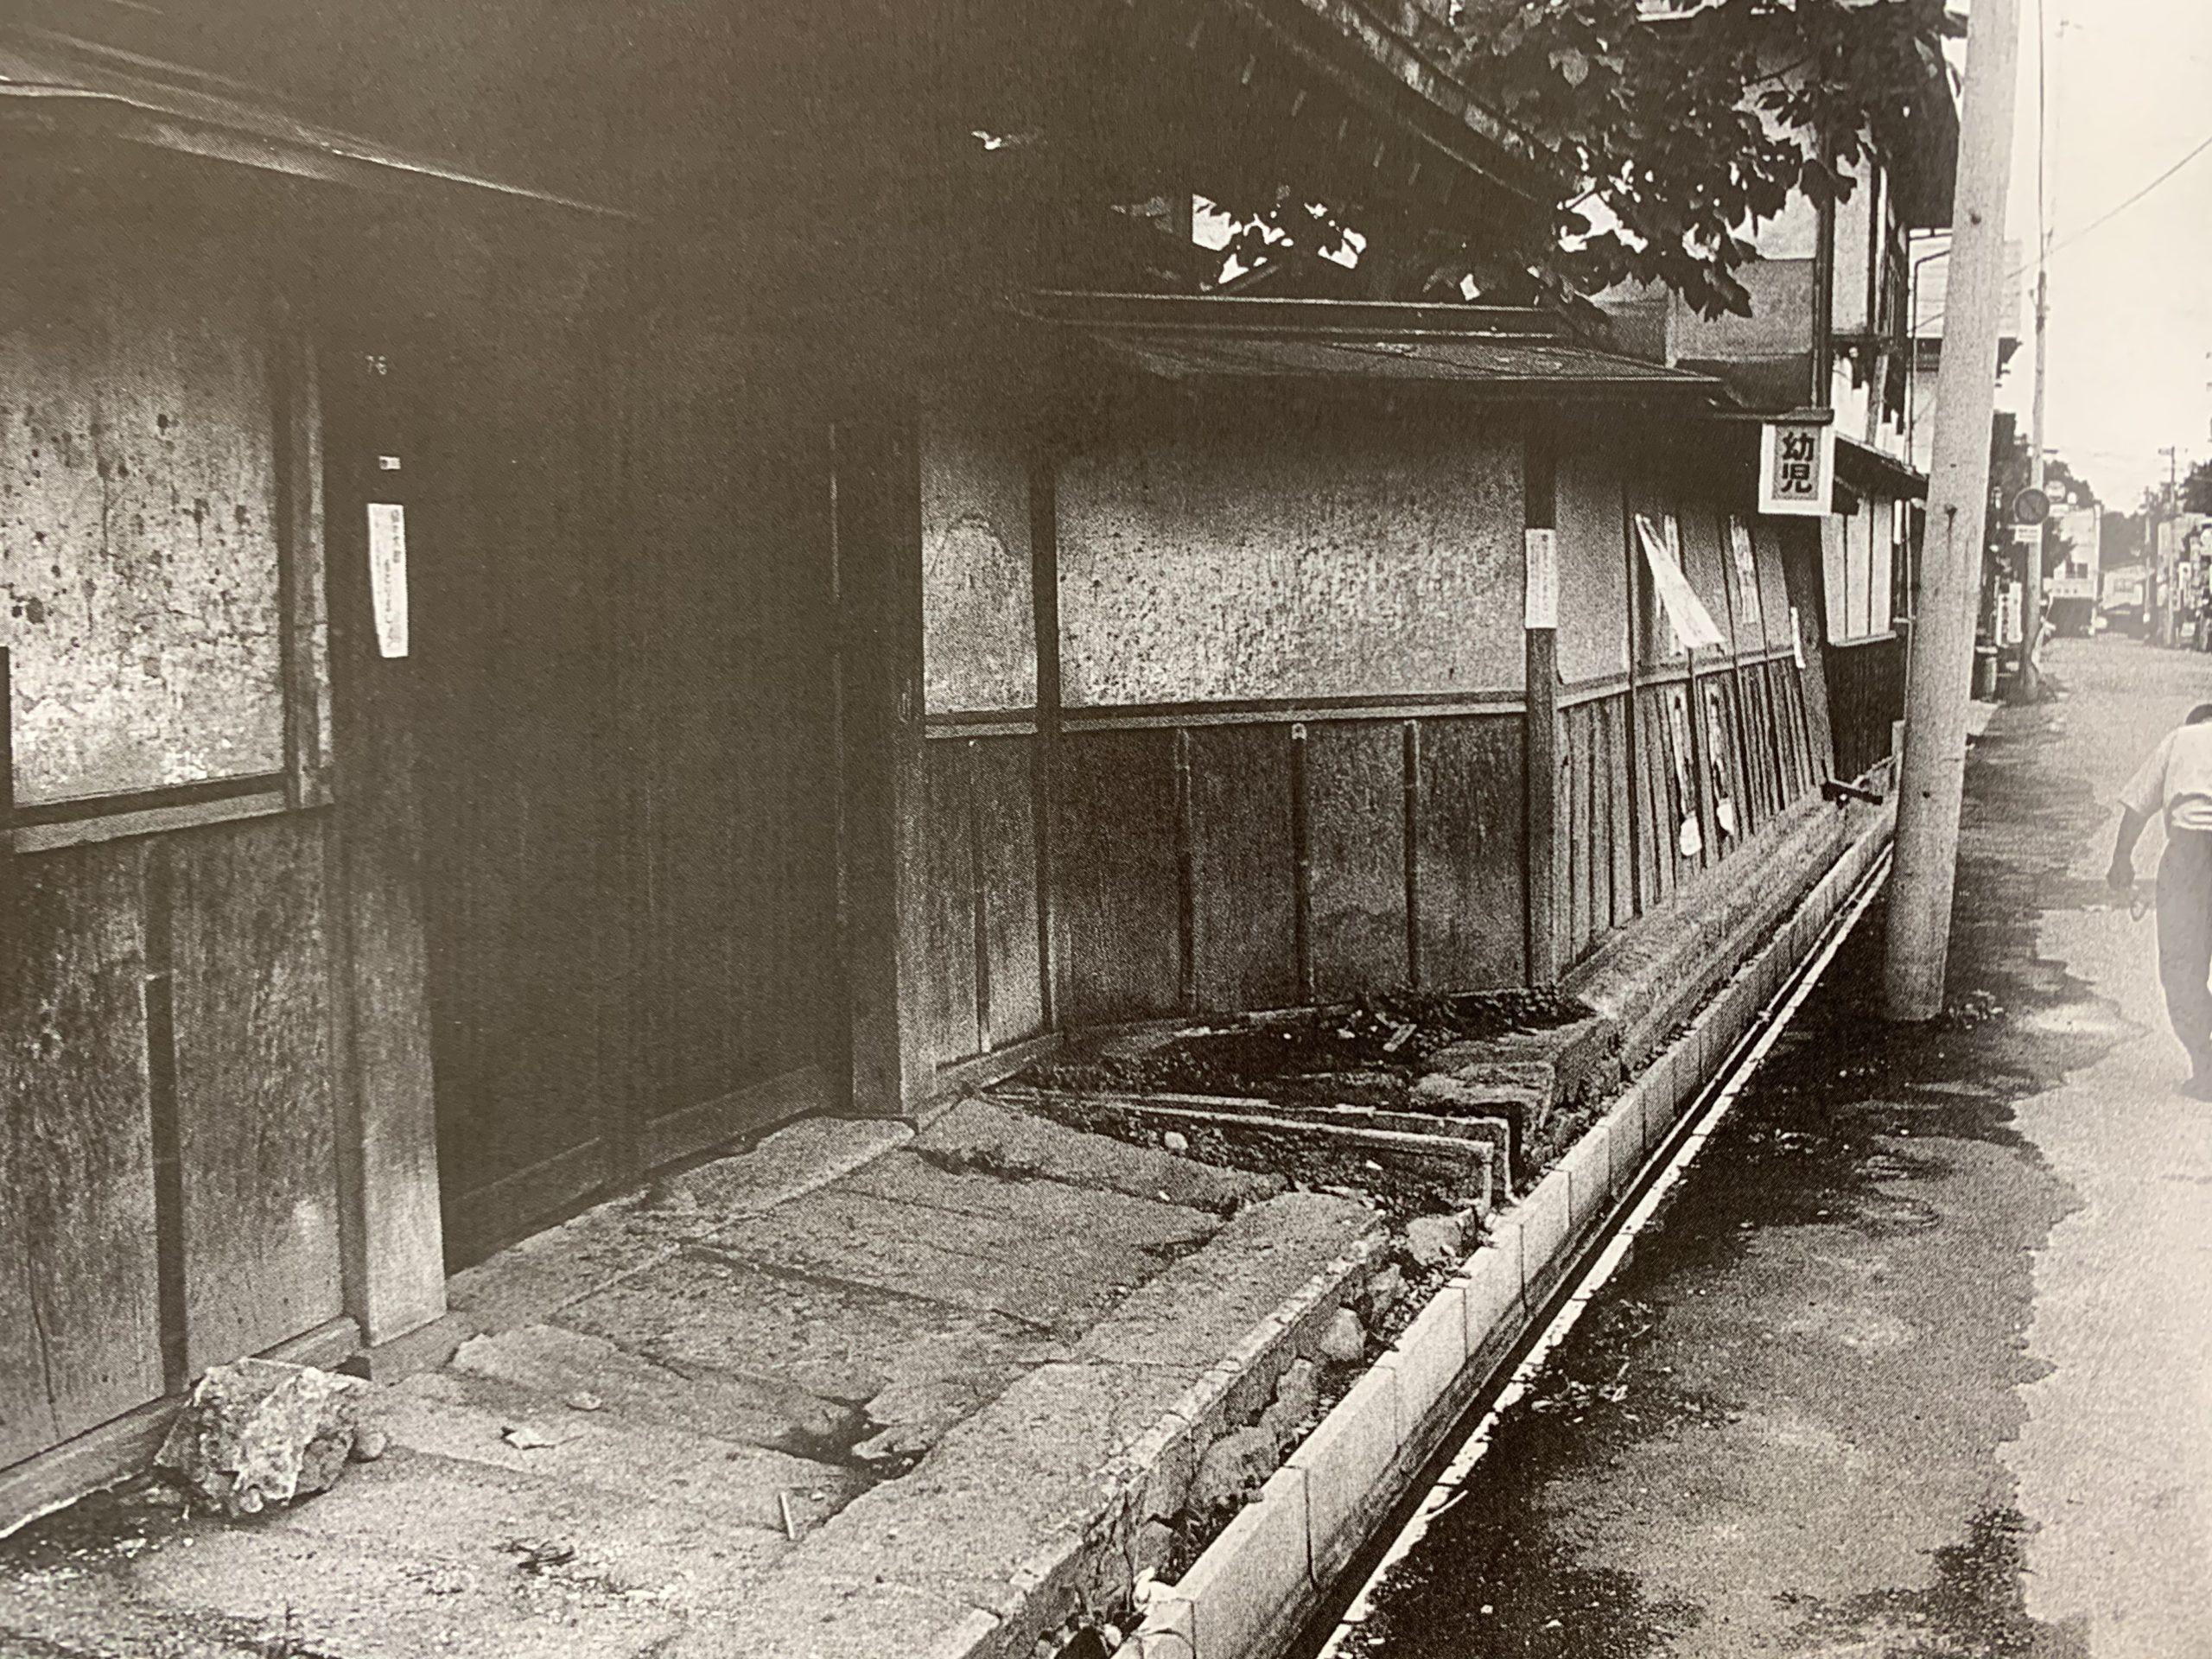 山形小姓町新芳楼(『鈴木邦緒写真集小姓町界隈50年史』)